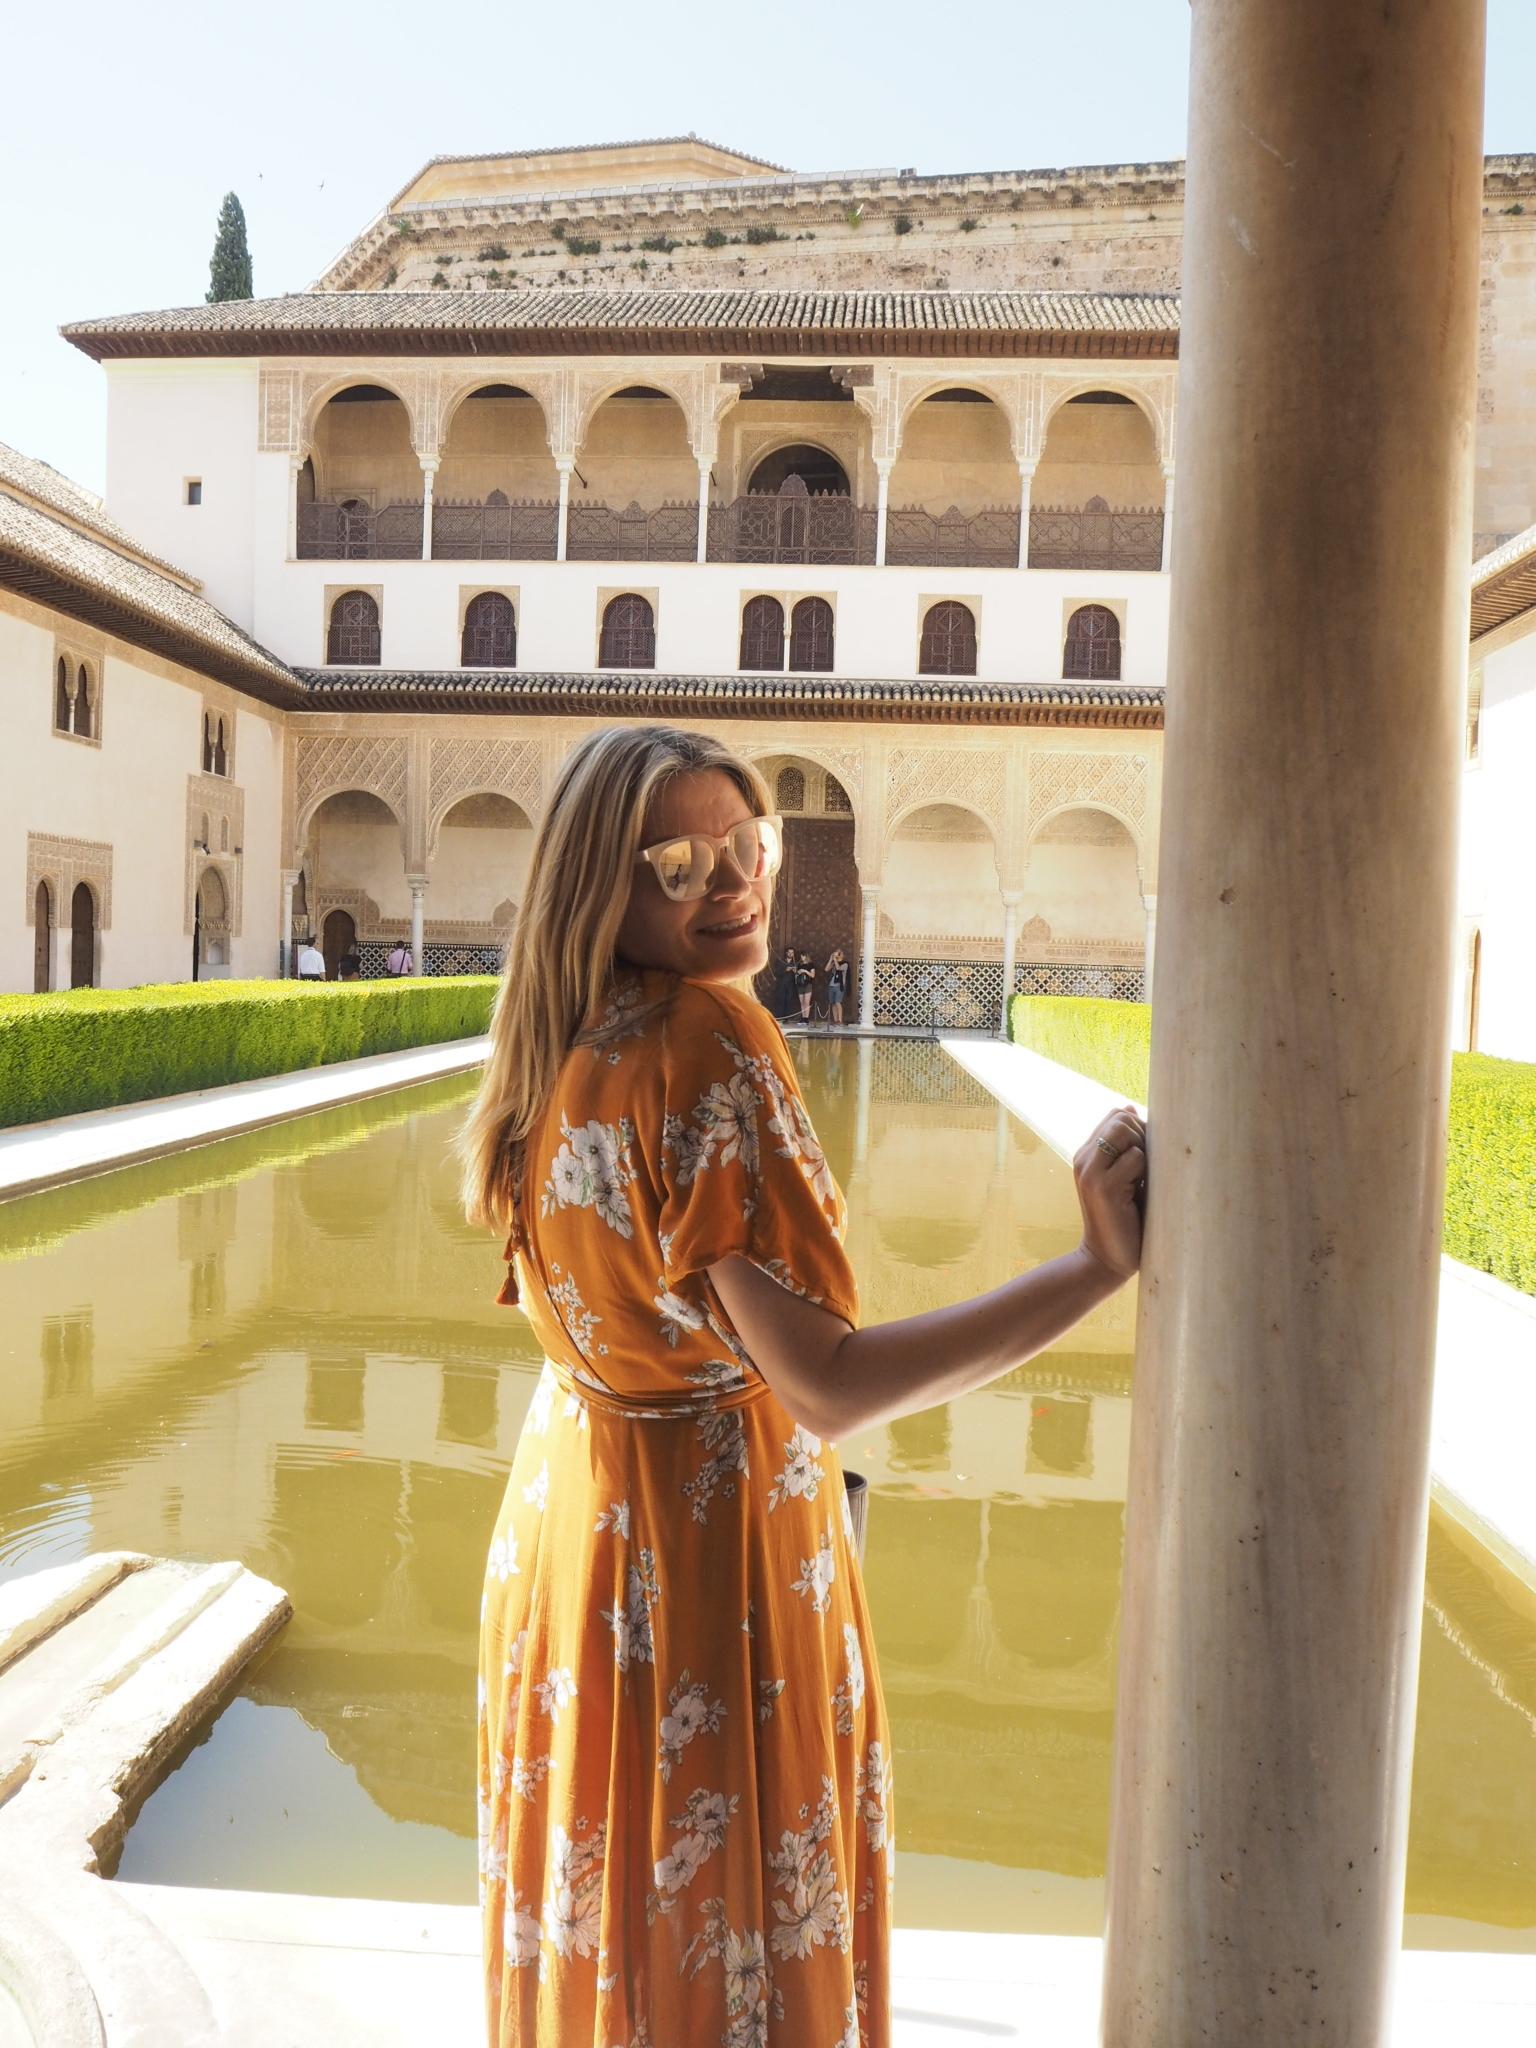 - Nasrid Palaces